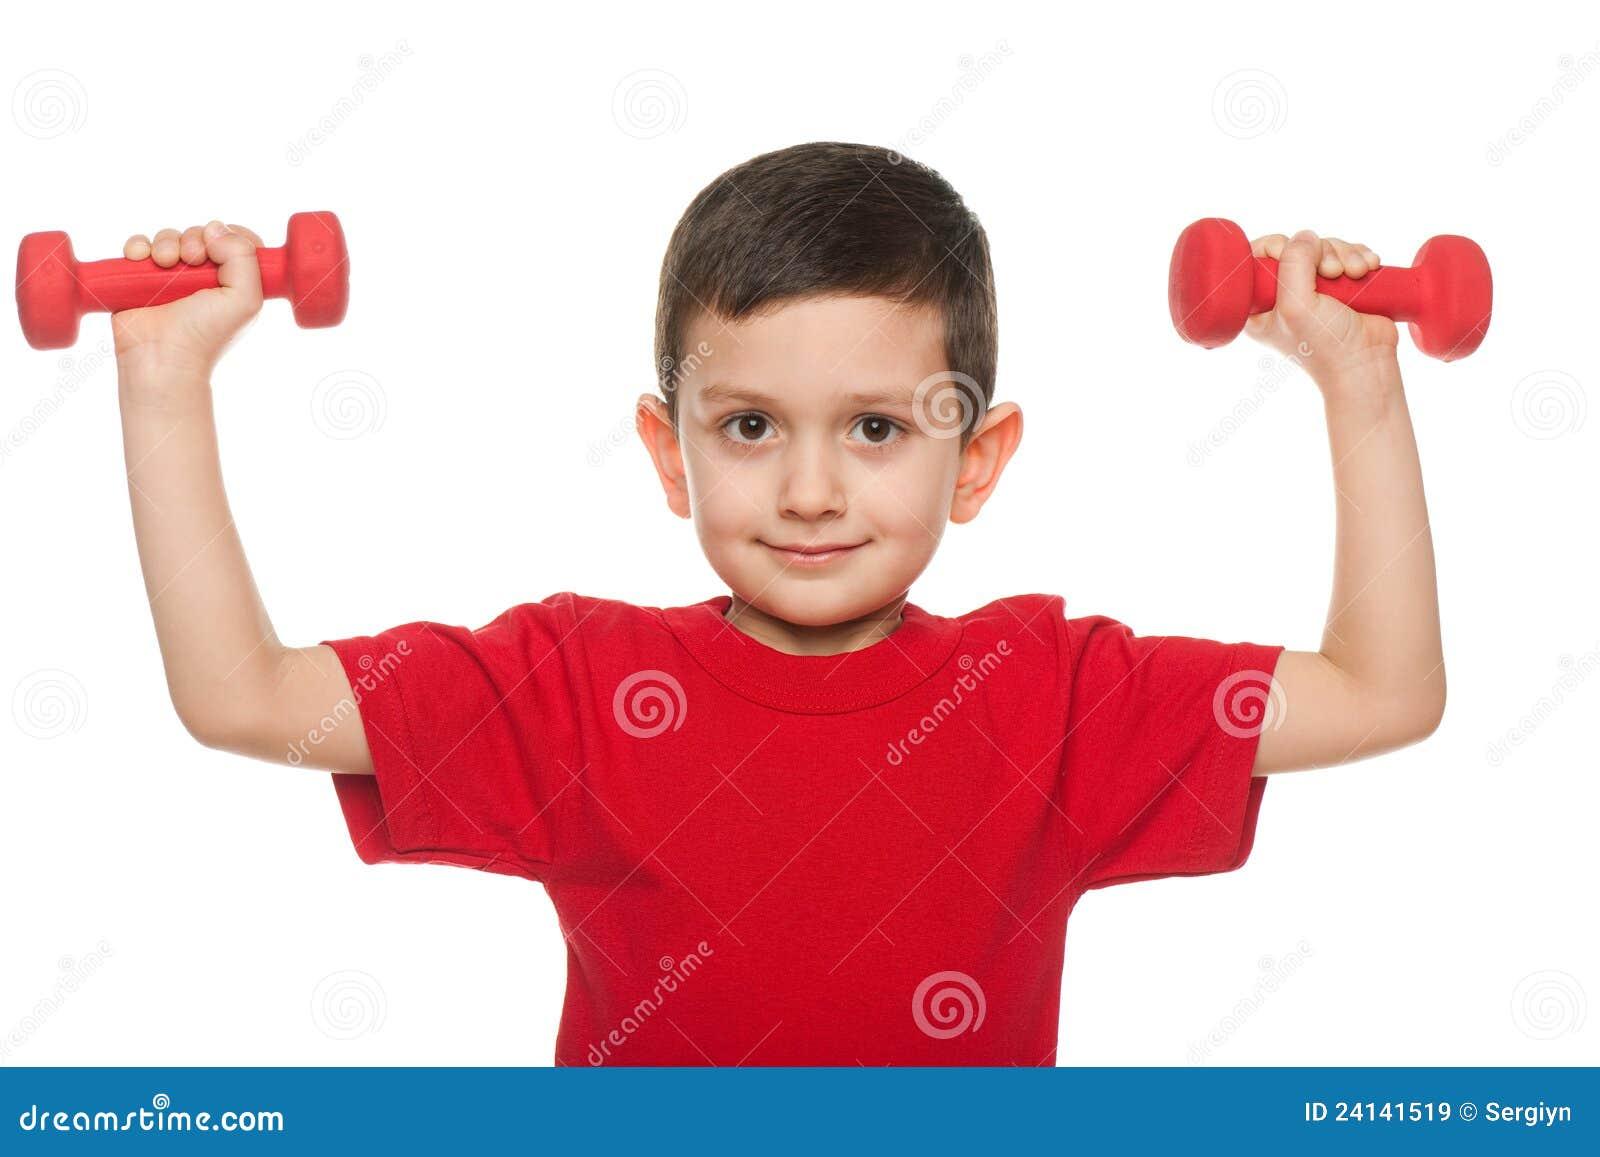 Ejercicios con pesas de gimnasia im genes de archivo for Ejercicios de gimnasia